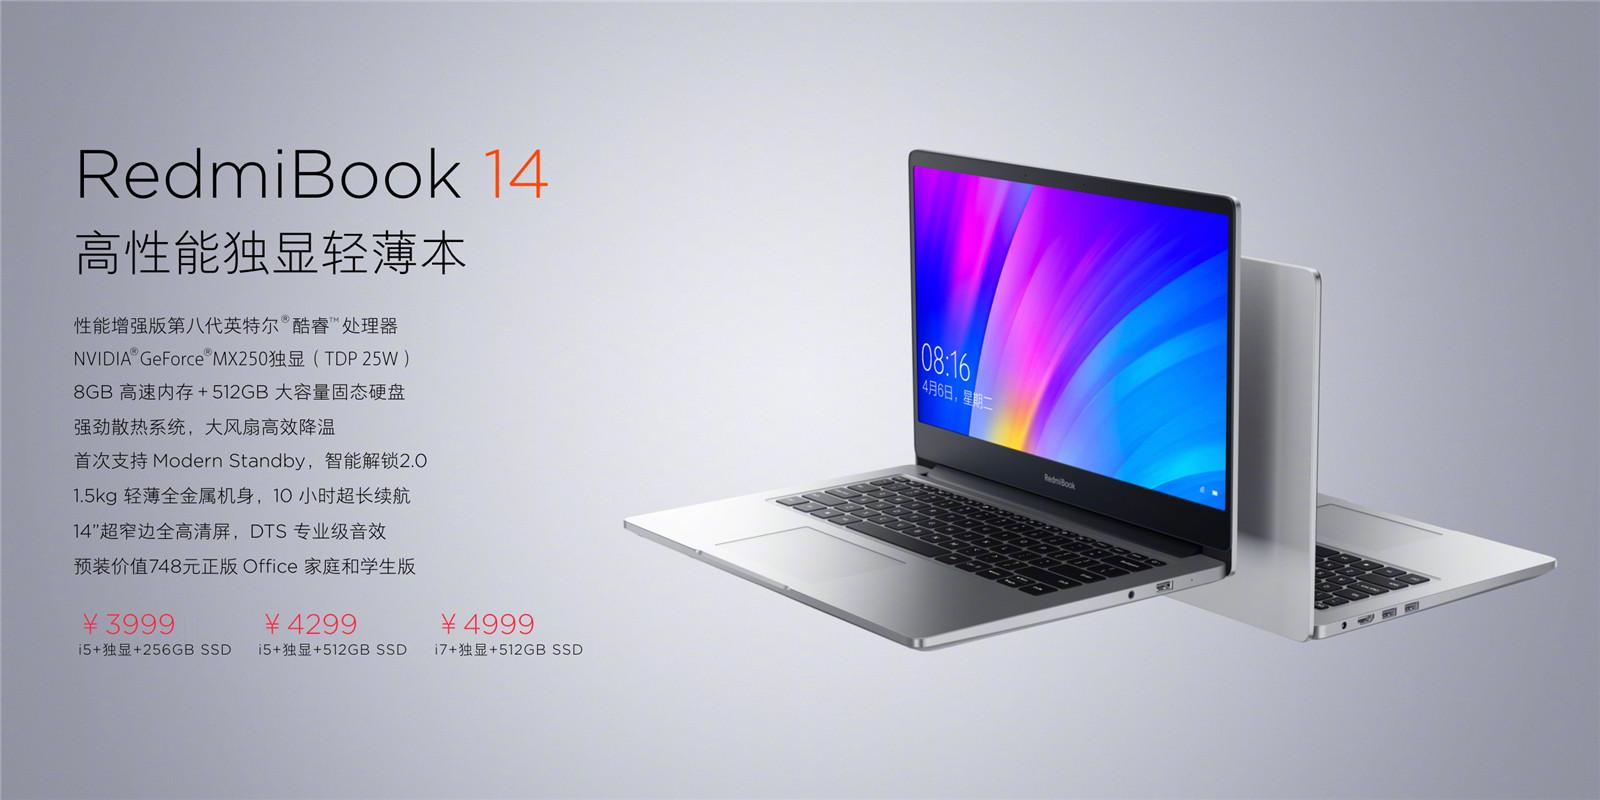 红米首款笔记本明天首销:比同类竞品便宜千元